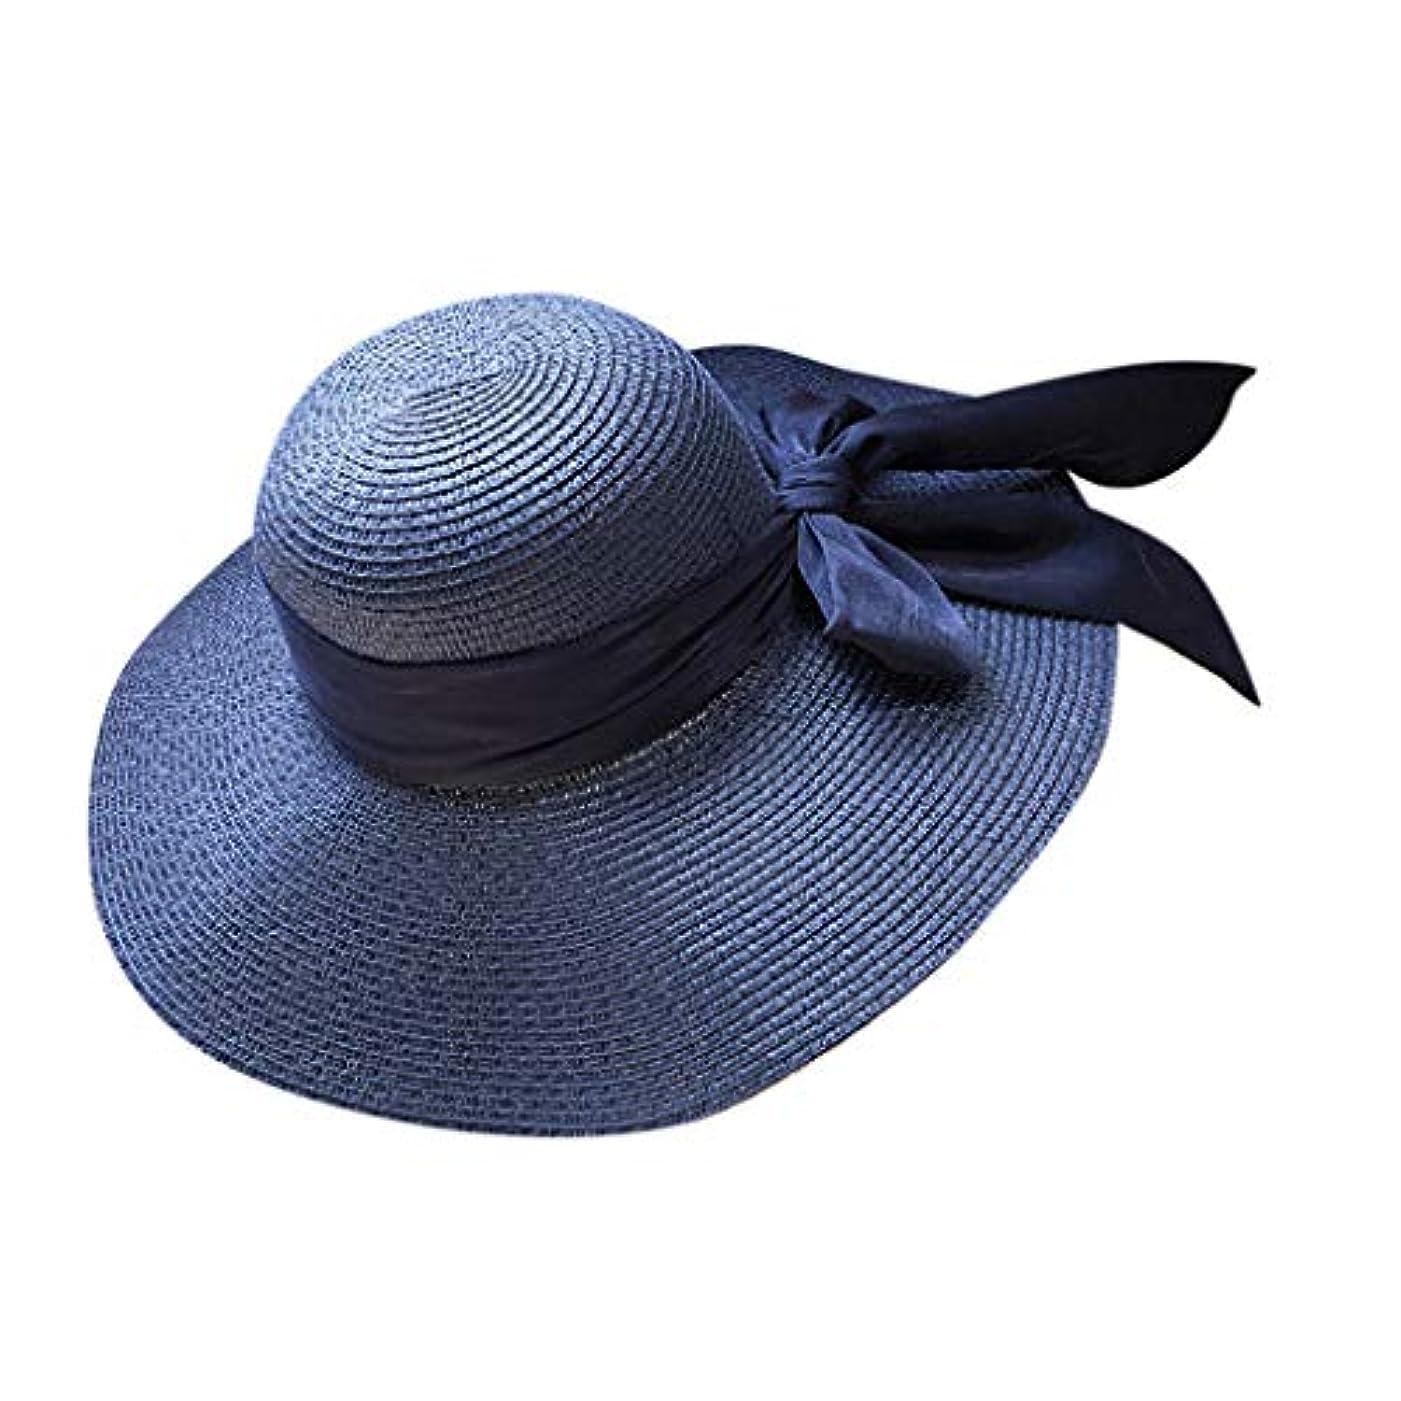 作る静かに短命帽子 レディース UVカット 麦わら帽子 可愛い 小顔効果抜群 日よけ 折りたたみ つば広 帽子 サイズ調整 テープ ハット レディース 帽子 日よけ帽子 防晒帽 ビーチ 旅行用 日よけ 日射し 海 夏季 ROSE ROMAN